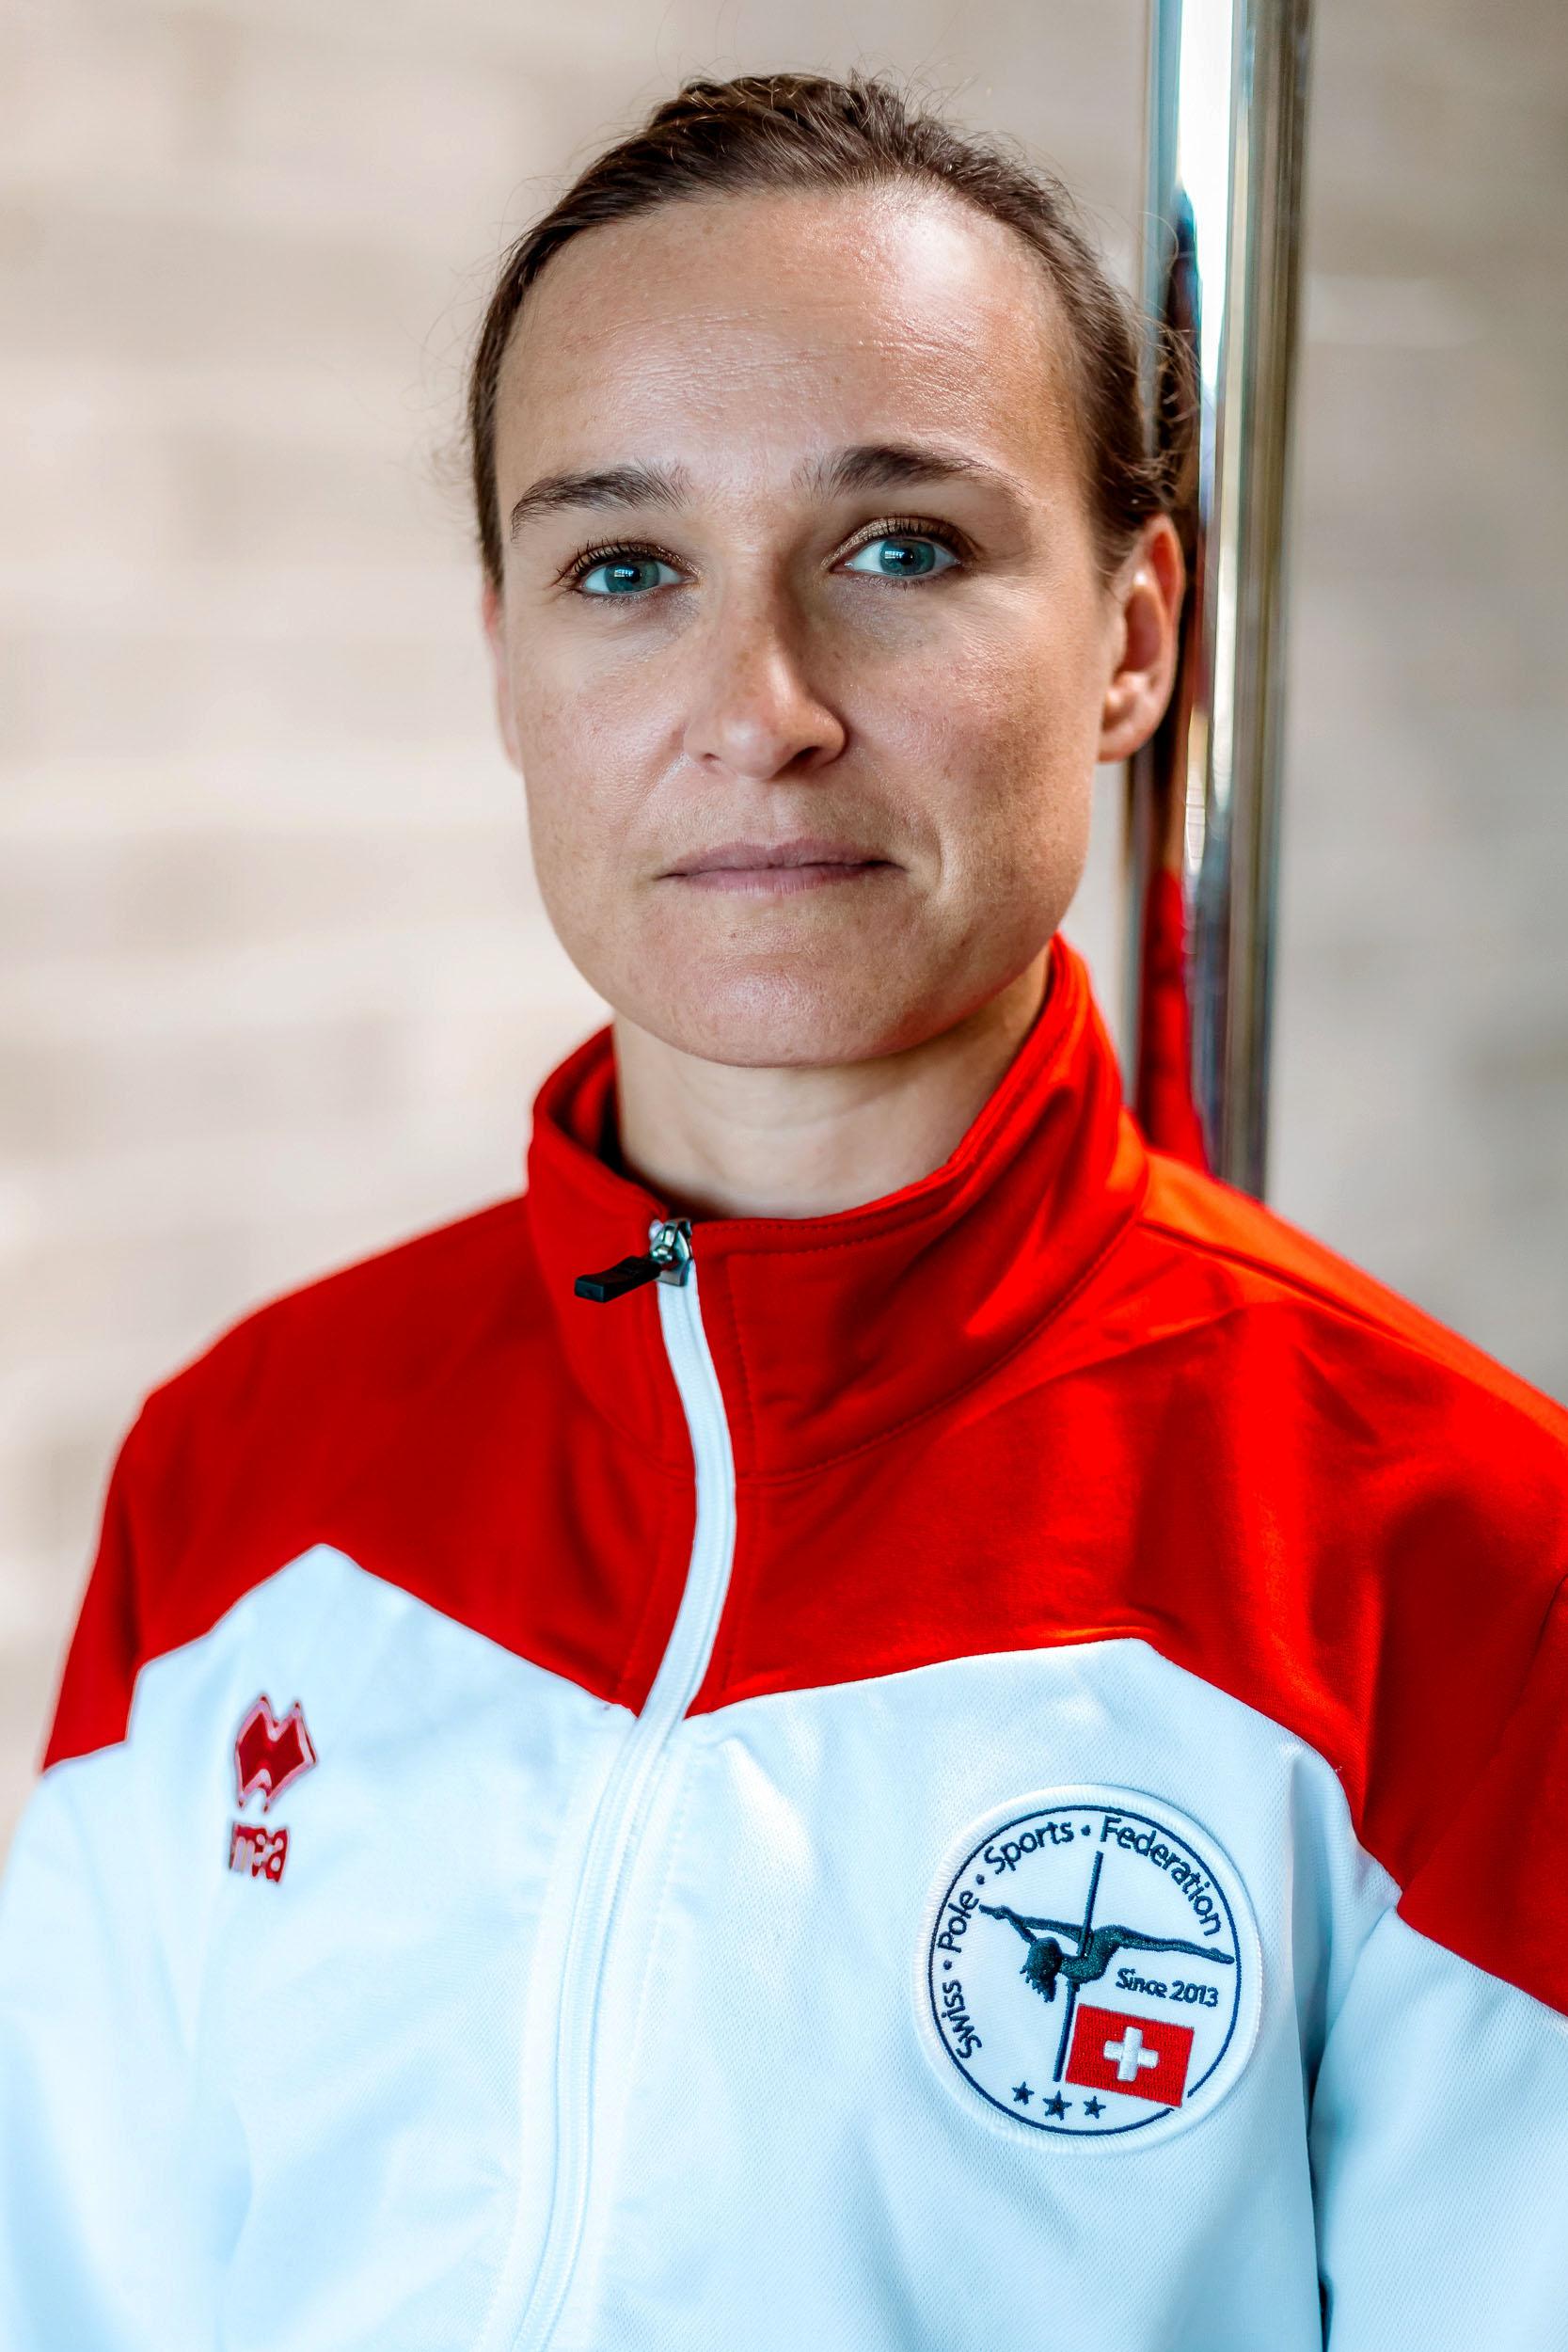 Céline Reverchon